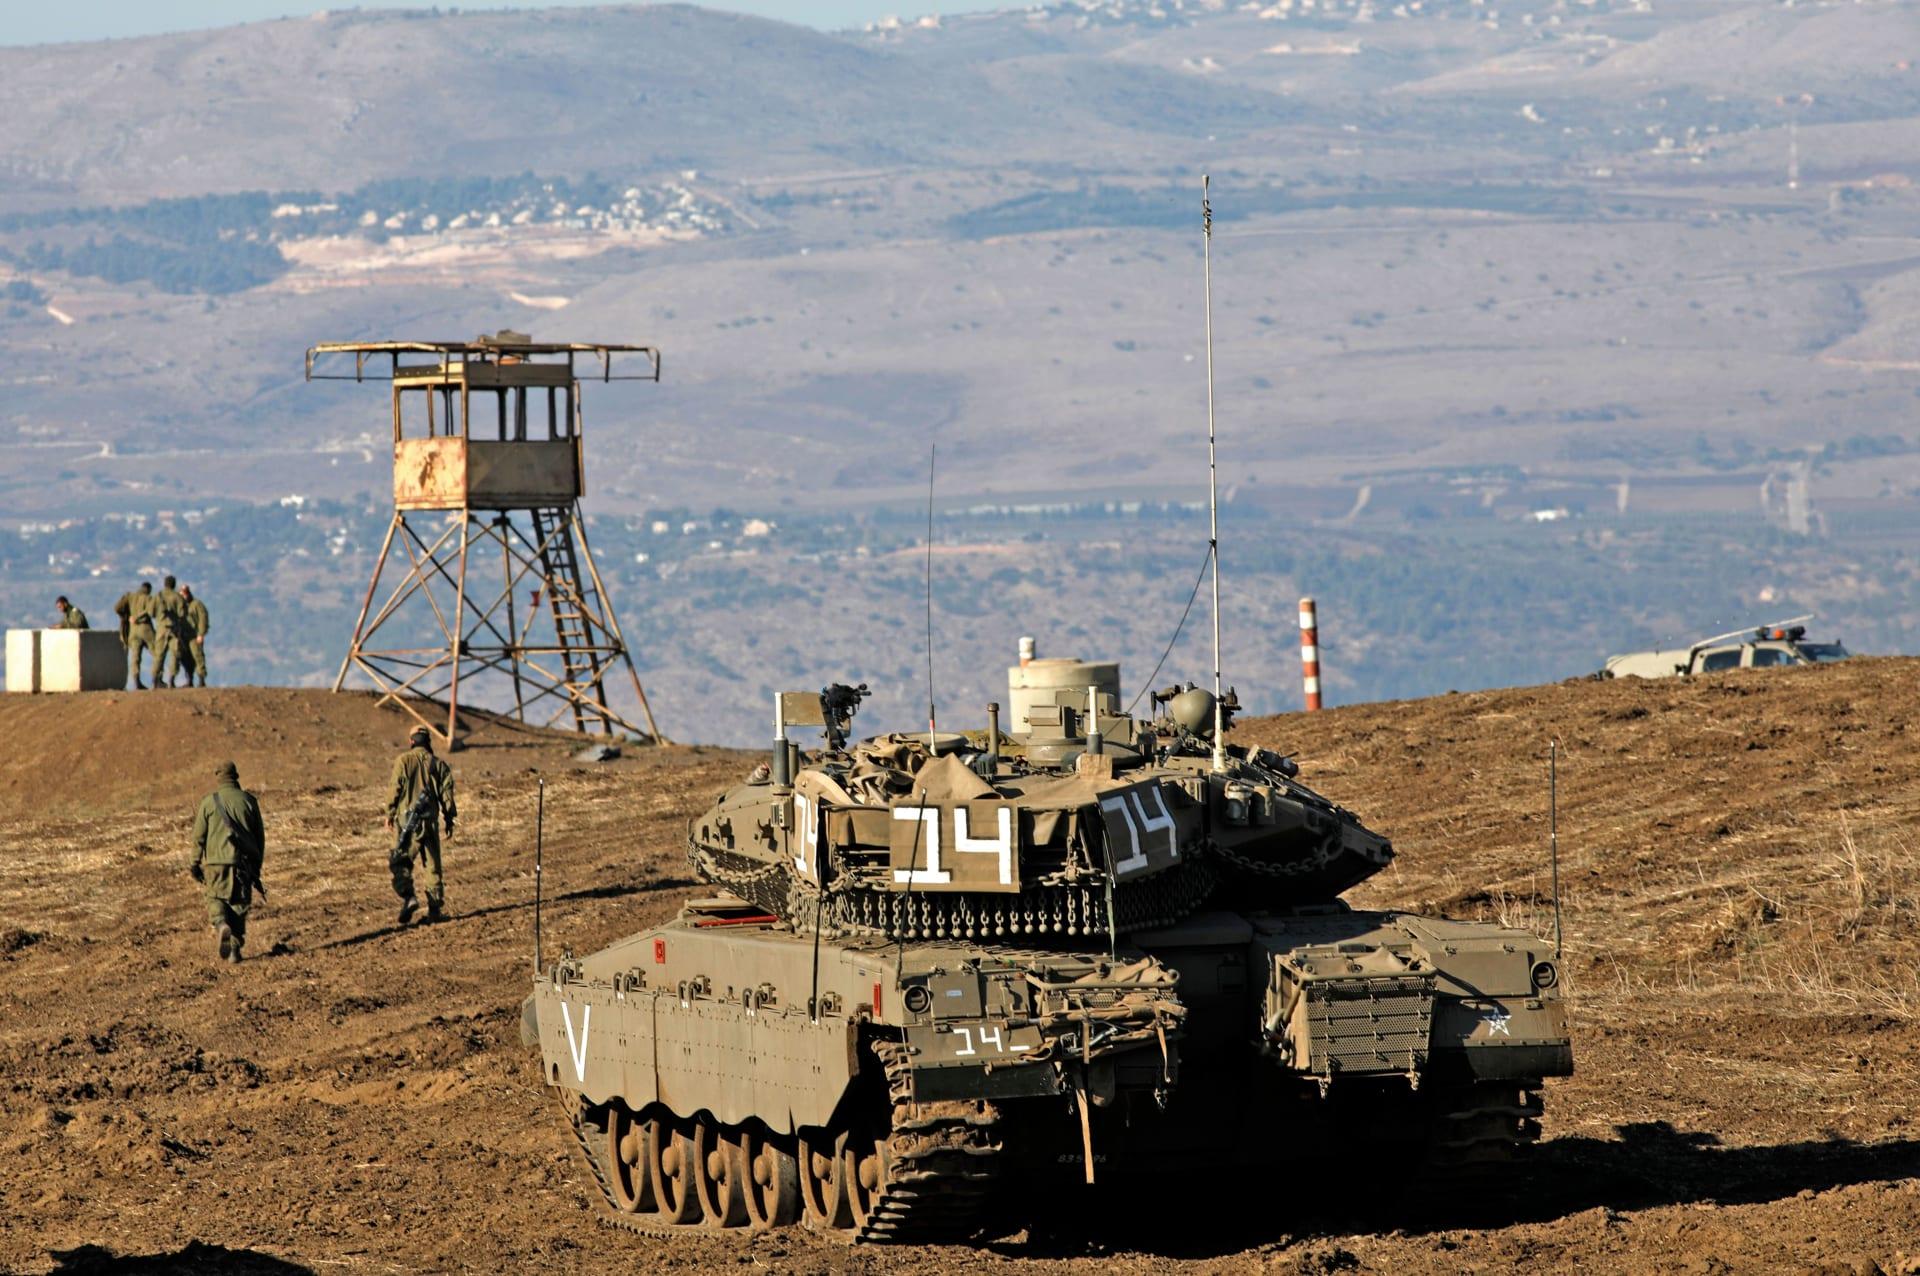 سانا: الدفاعات السورية اعترضت صواريخ إسرائيلية أُطلقت من هضبة الجولان